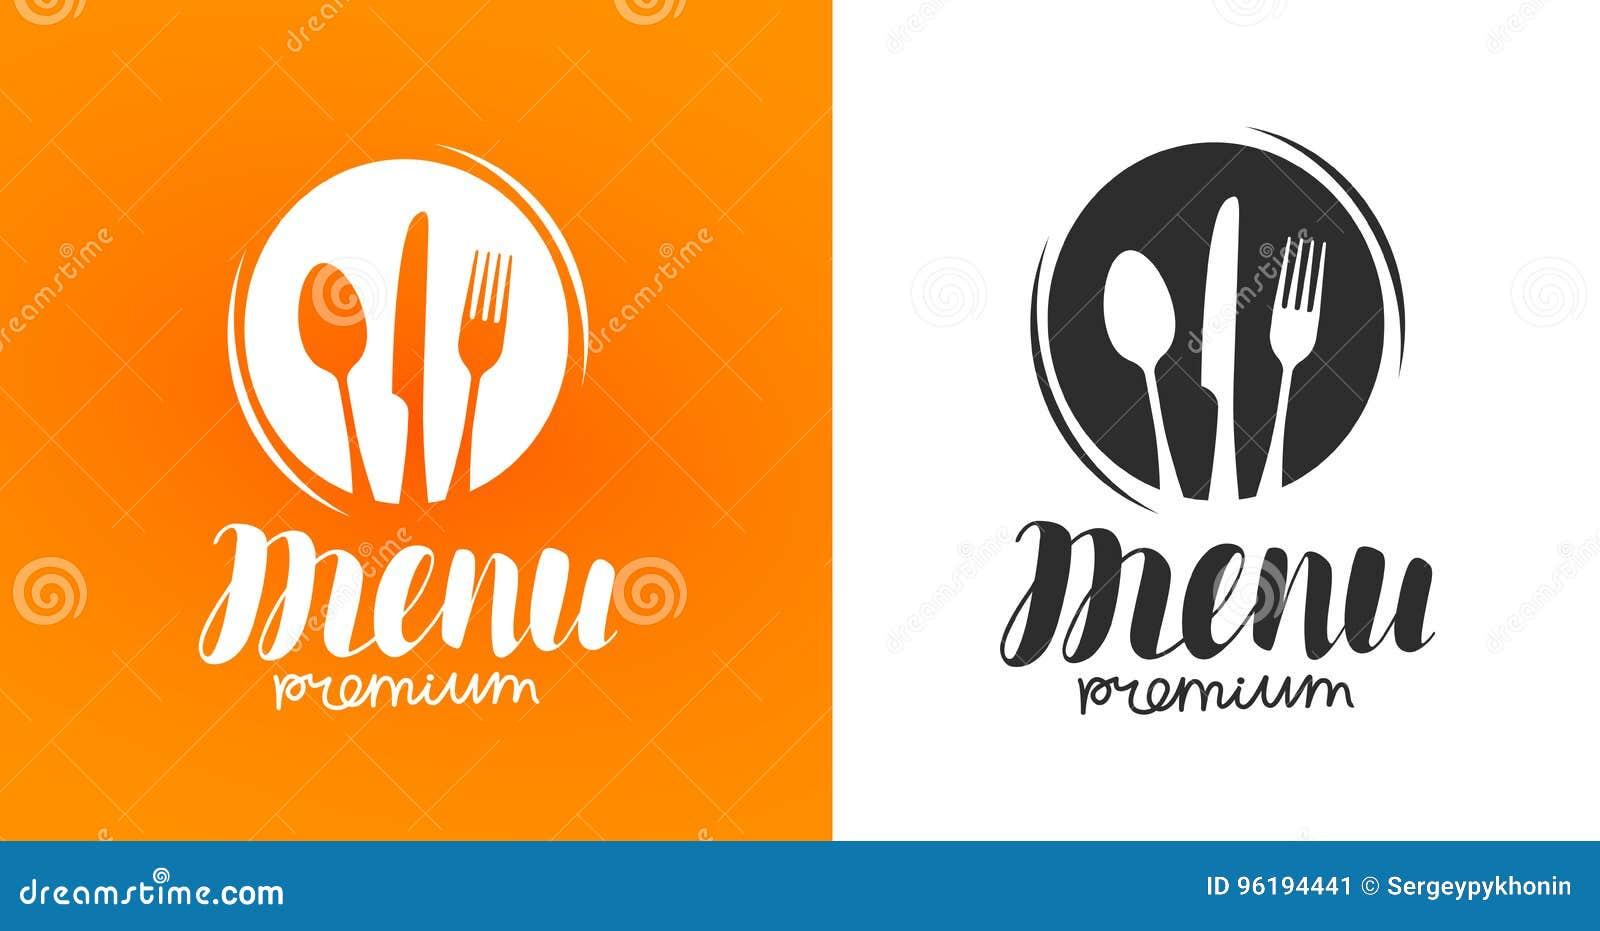 Μαγείρεμα, λογότυπο κουζίνας Εικονίδιο και ετικέτα για το εστιατόριο ή τον καφέ επιλογών σχεδίου Εγγραφή, διανυσματική απεικόνιση